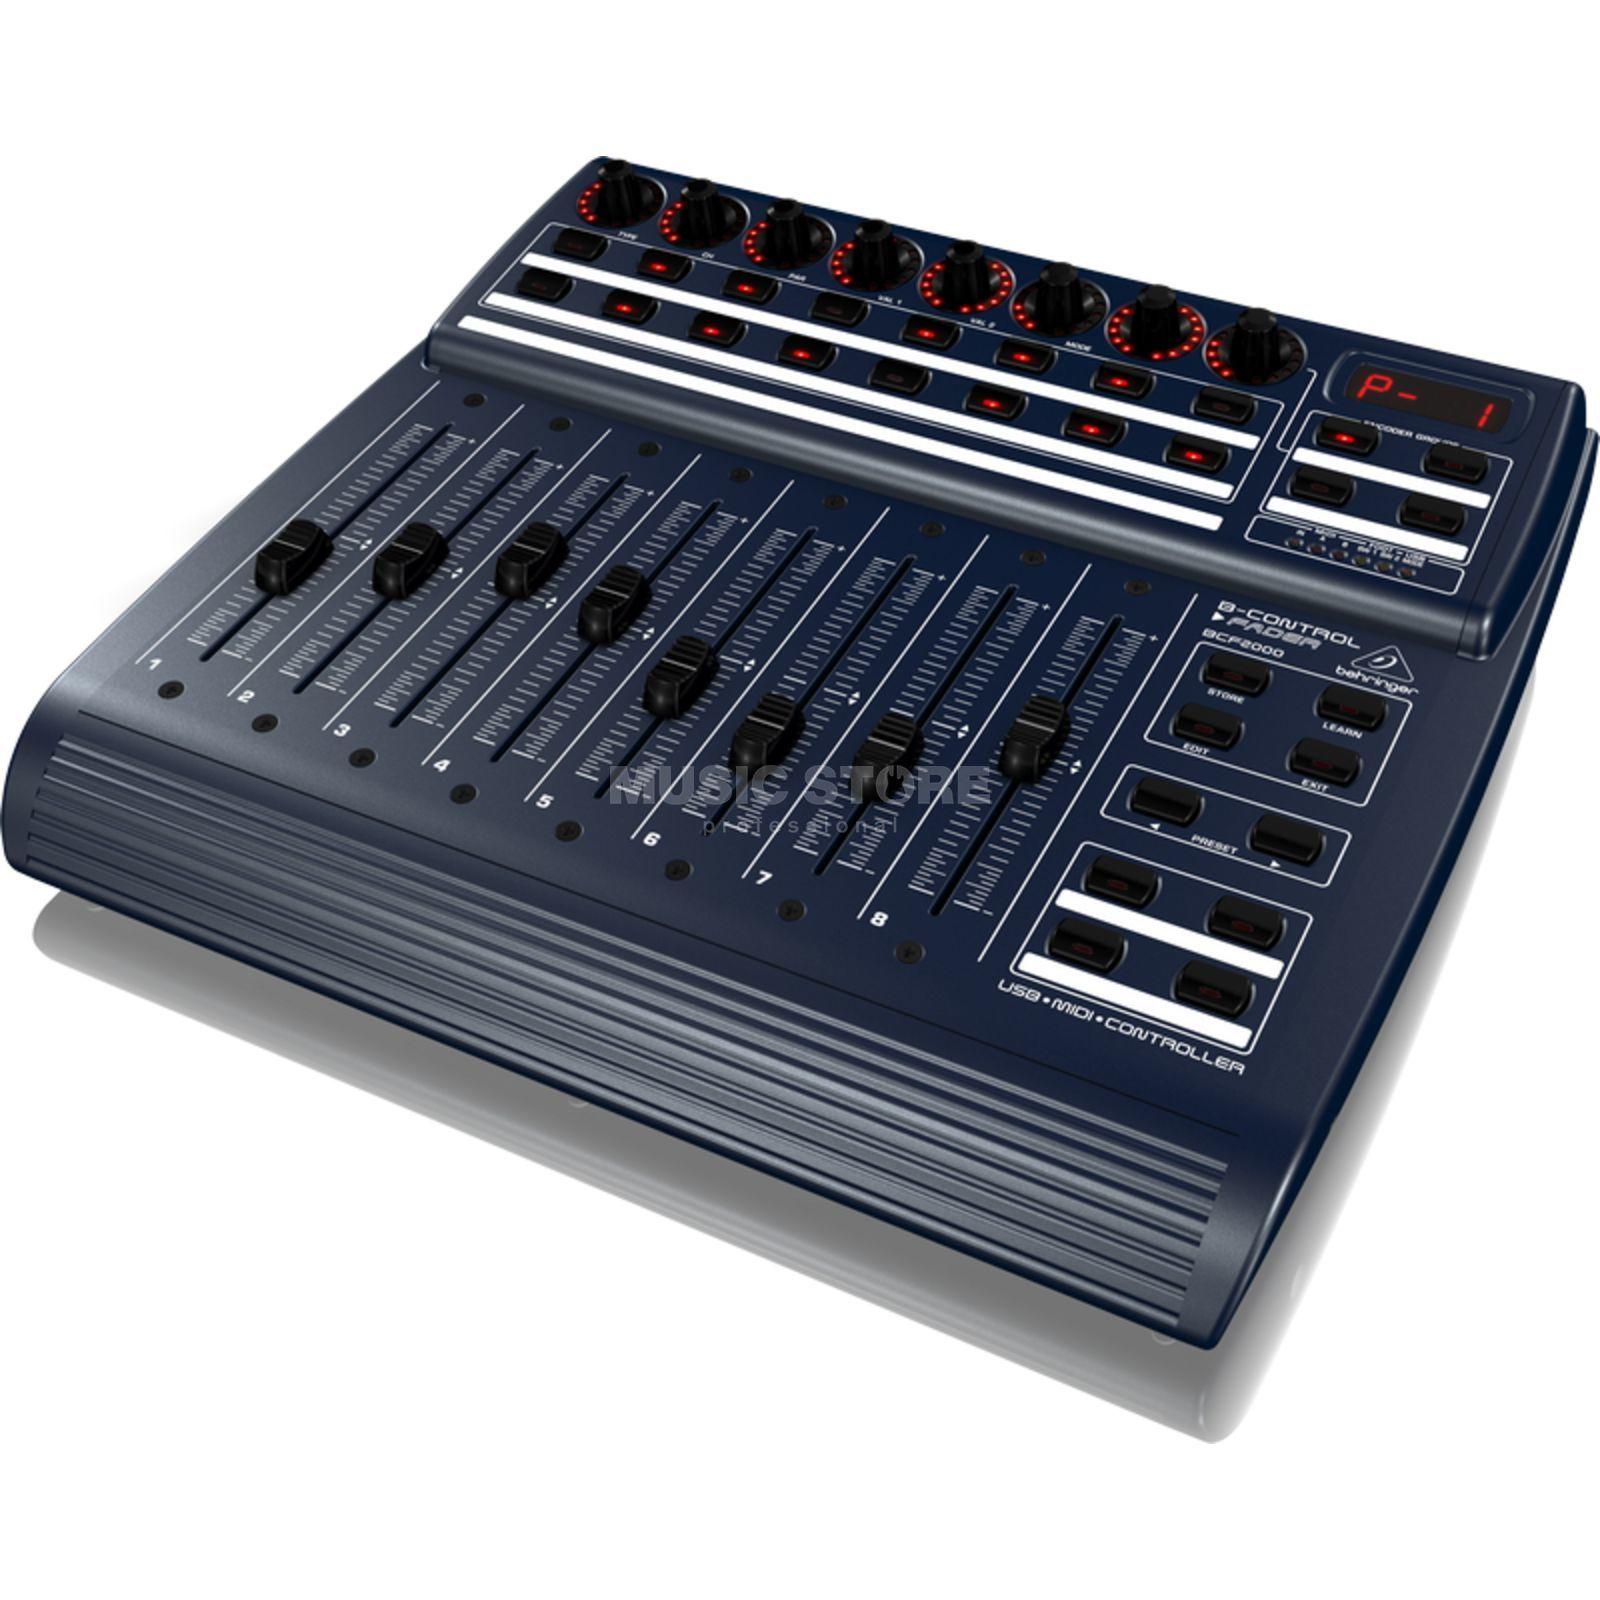 behringer bcf2000 total recall usb midi controller desk. Black Bedroom Furniture Sets. Home Design Ideas